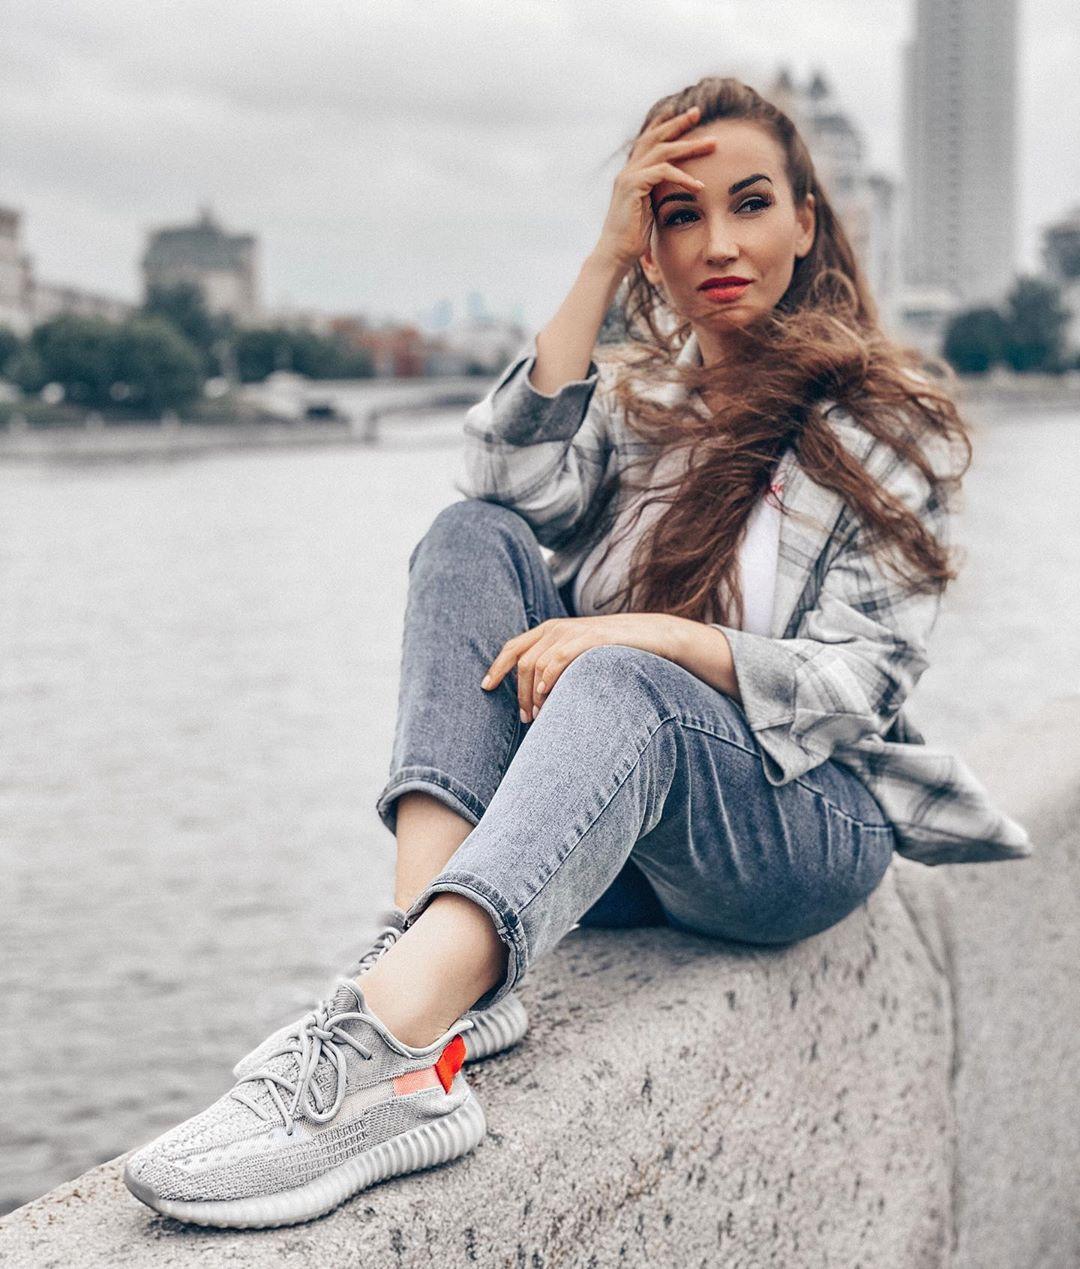 Становлюсь другой женщиной: Анфиса Чехова призналась, что делает наращивание волос